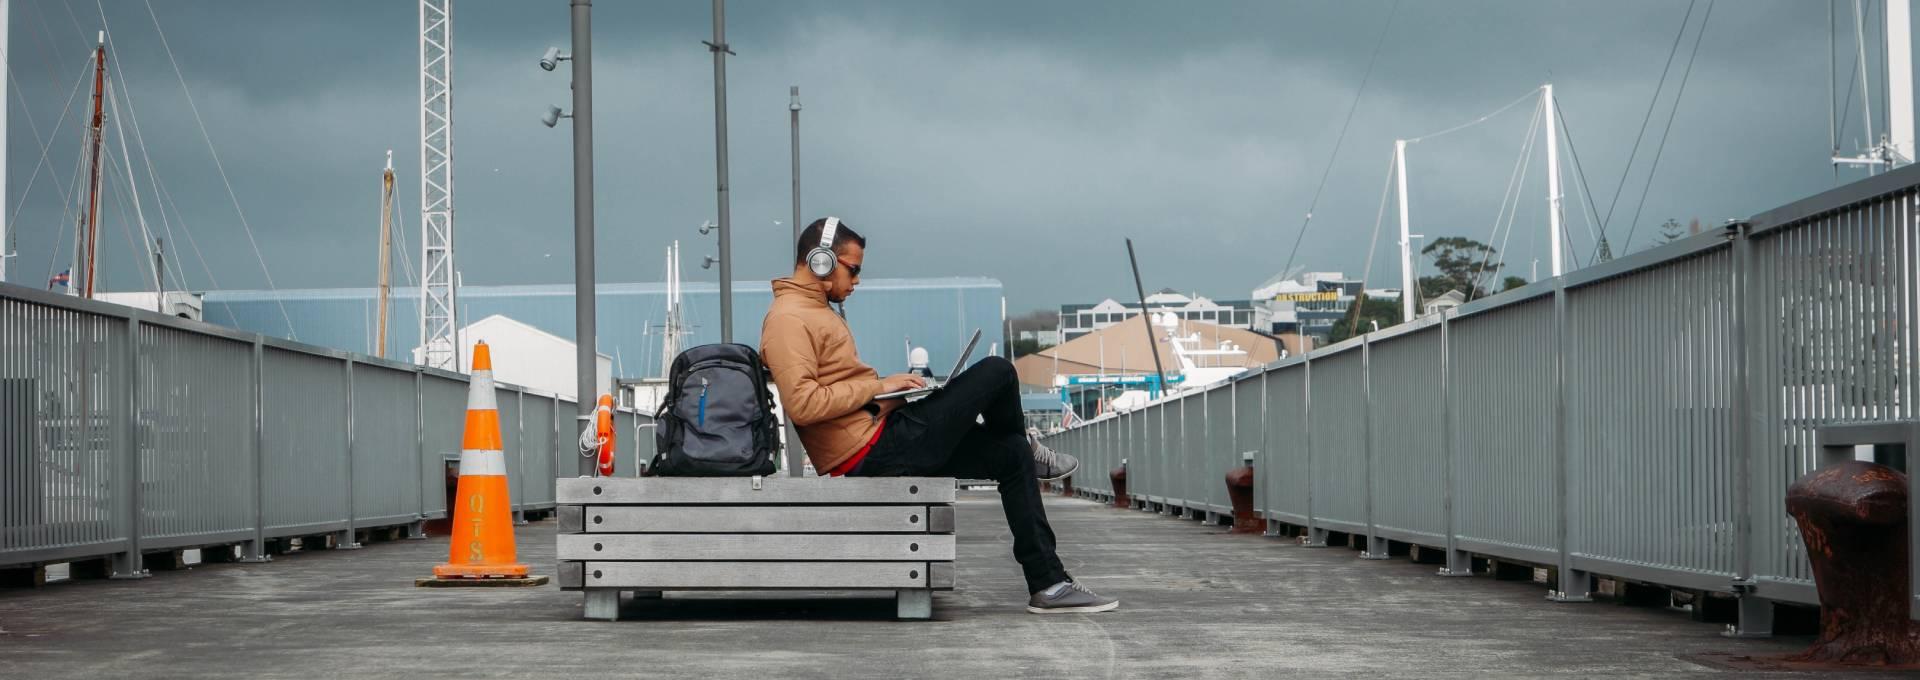 Für digitale Nomaden dienen oft ungewöhnliche Orte als Büro.